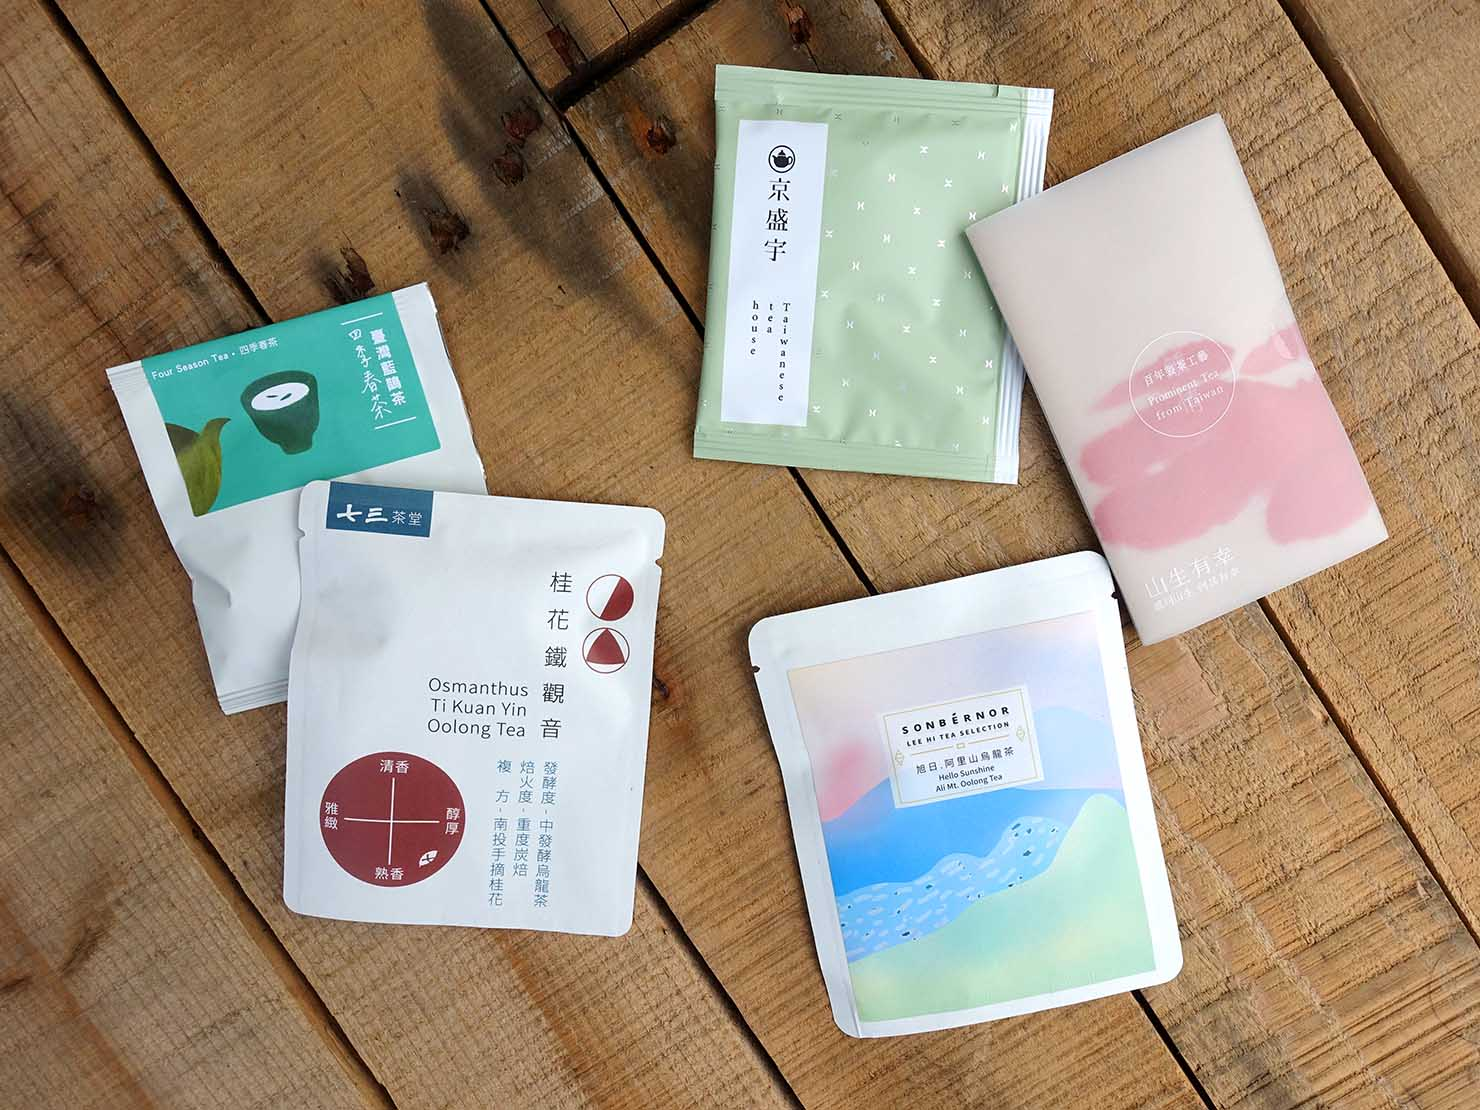 台北101エリアでのおみやげ探しにおすすめのショップ「好丘 Good Cho's」で買ったおみやげ・台湾茶のバラ売りパック